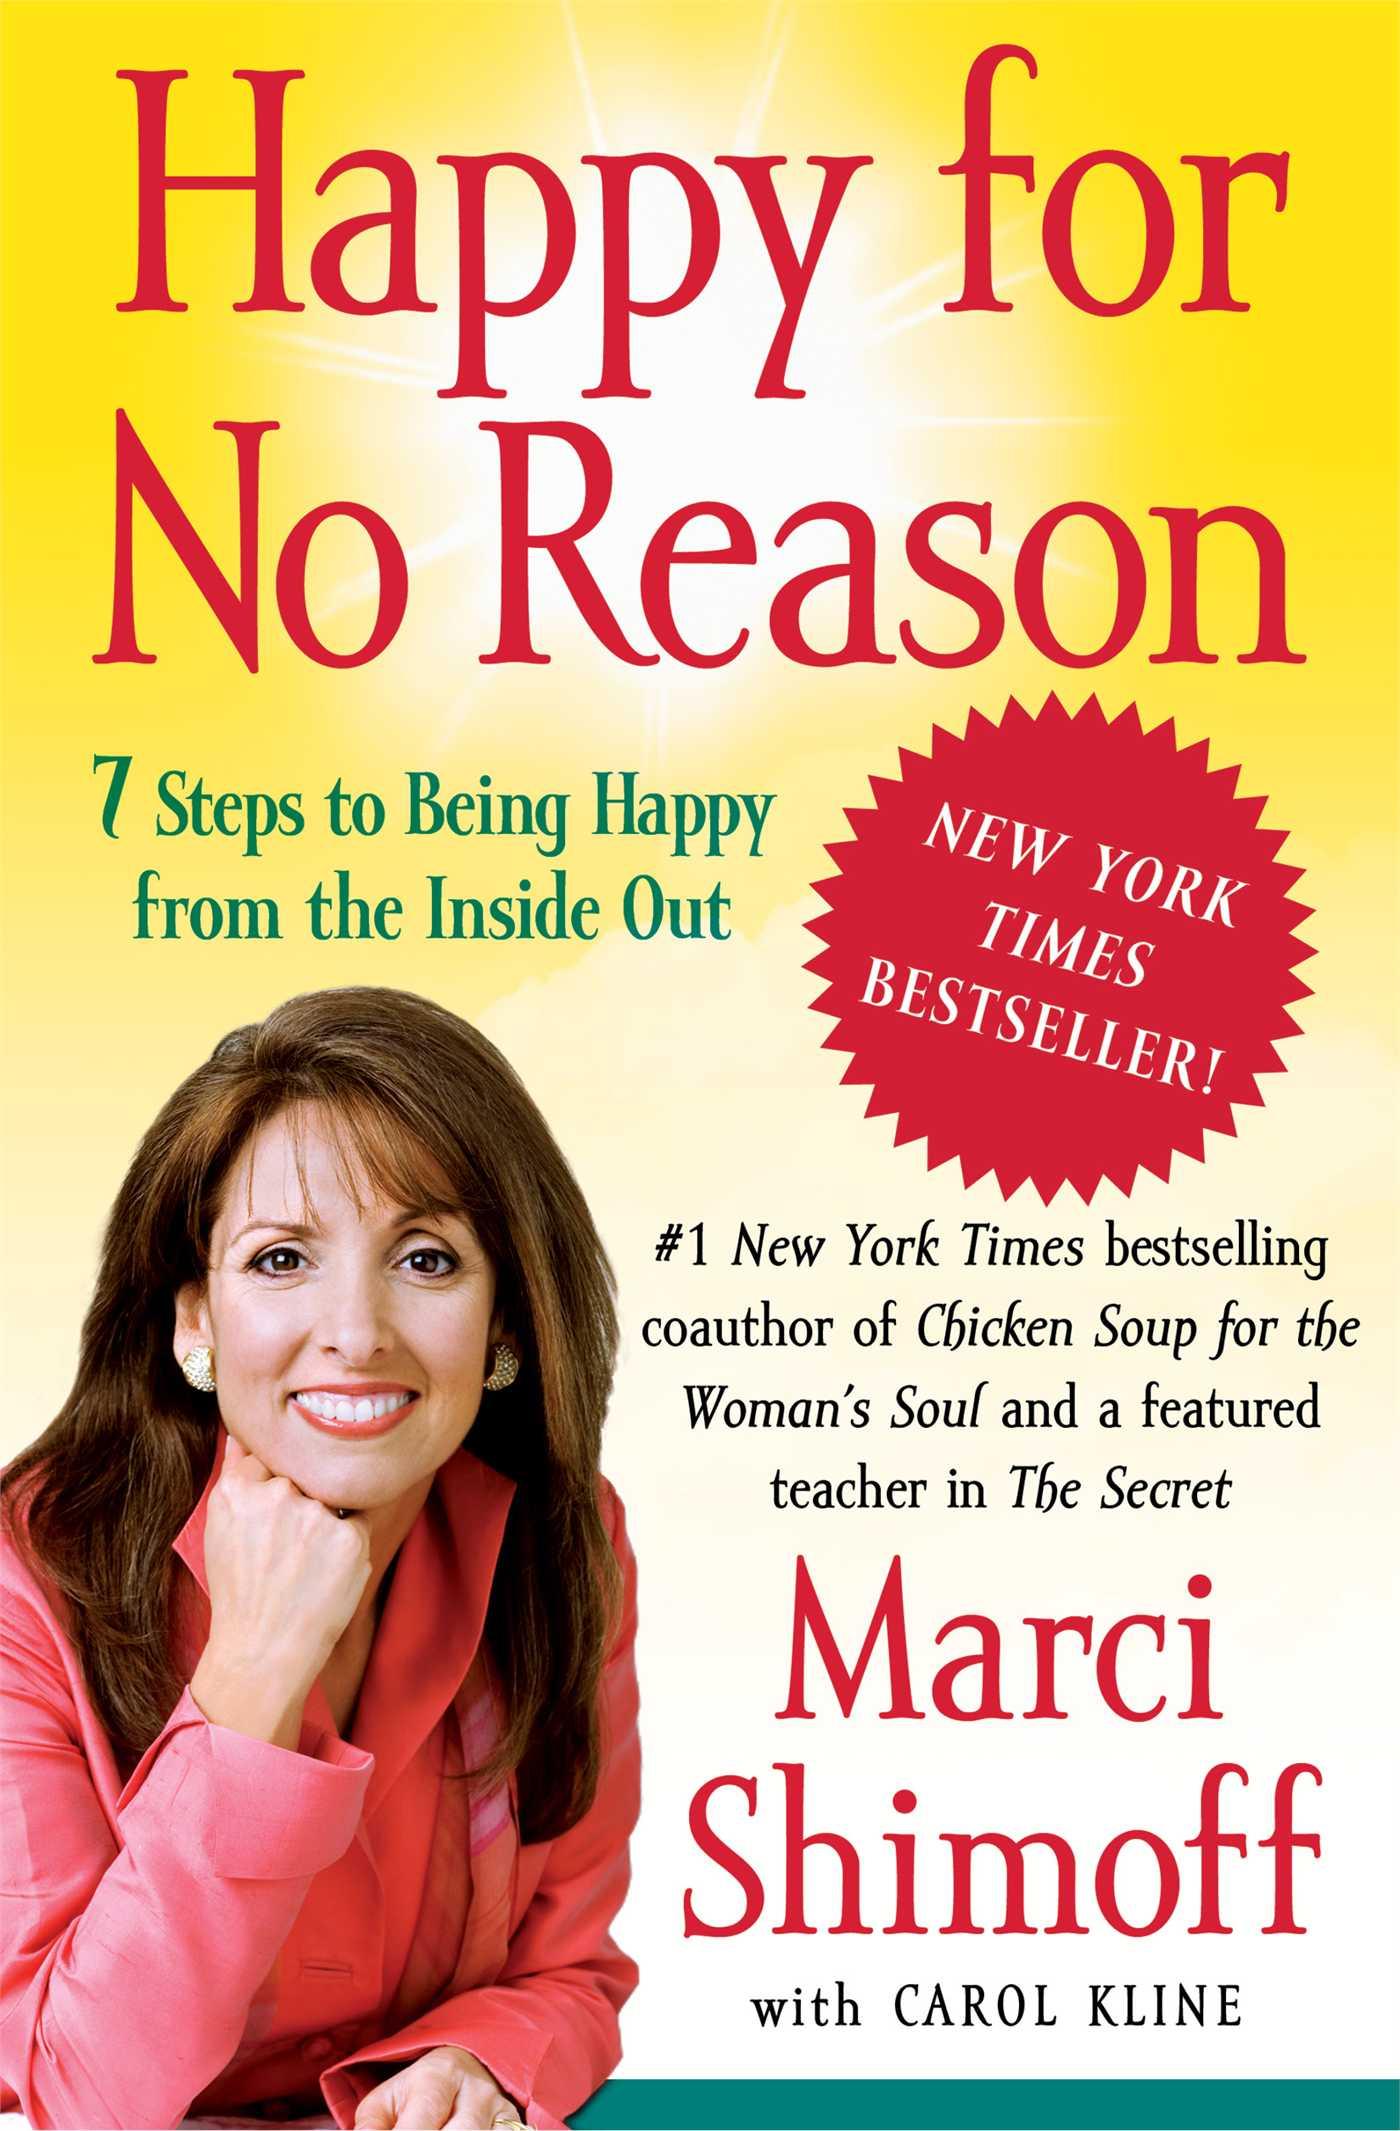 Happy for no reason 9781416553984 hr